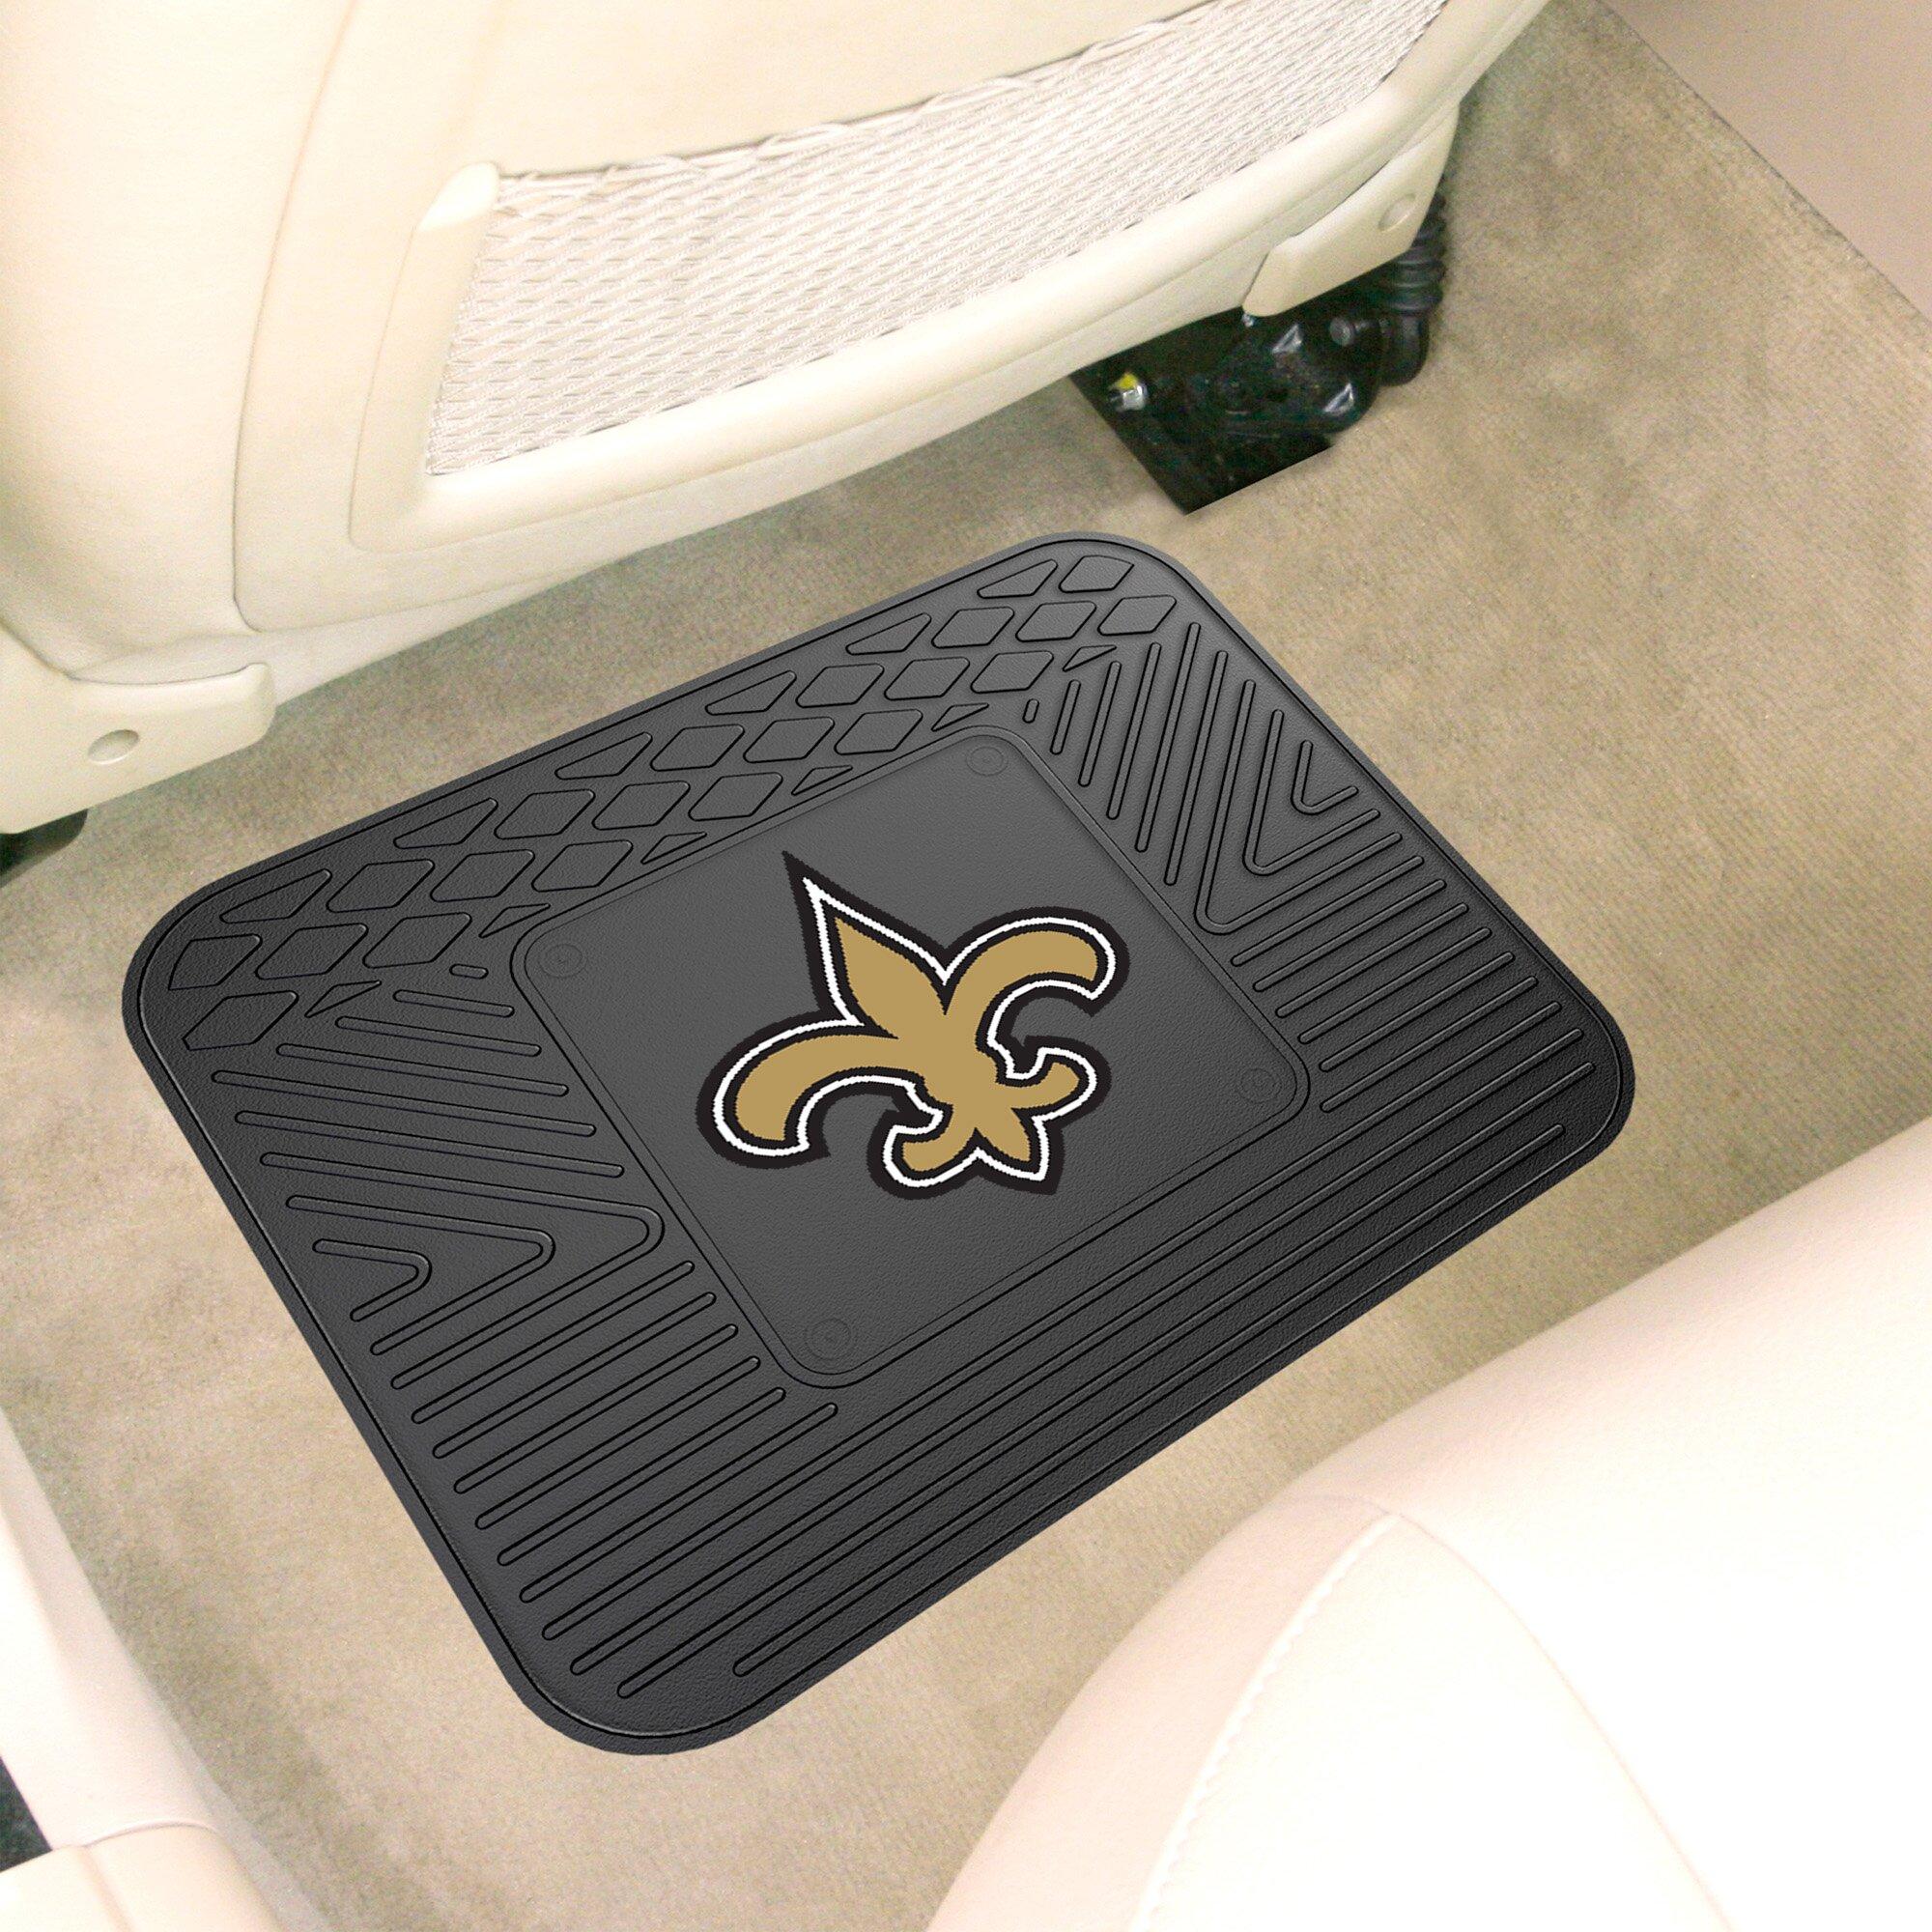 Fanmats Nfl New Orleans Saints Utility Mat Wayfair